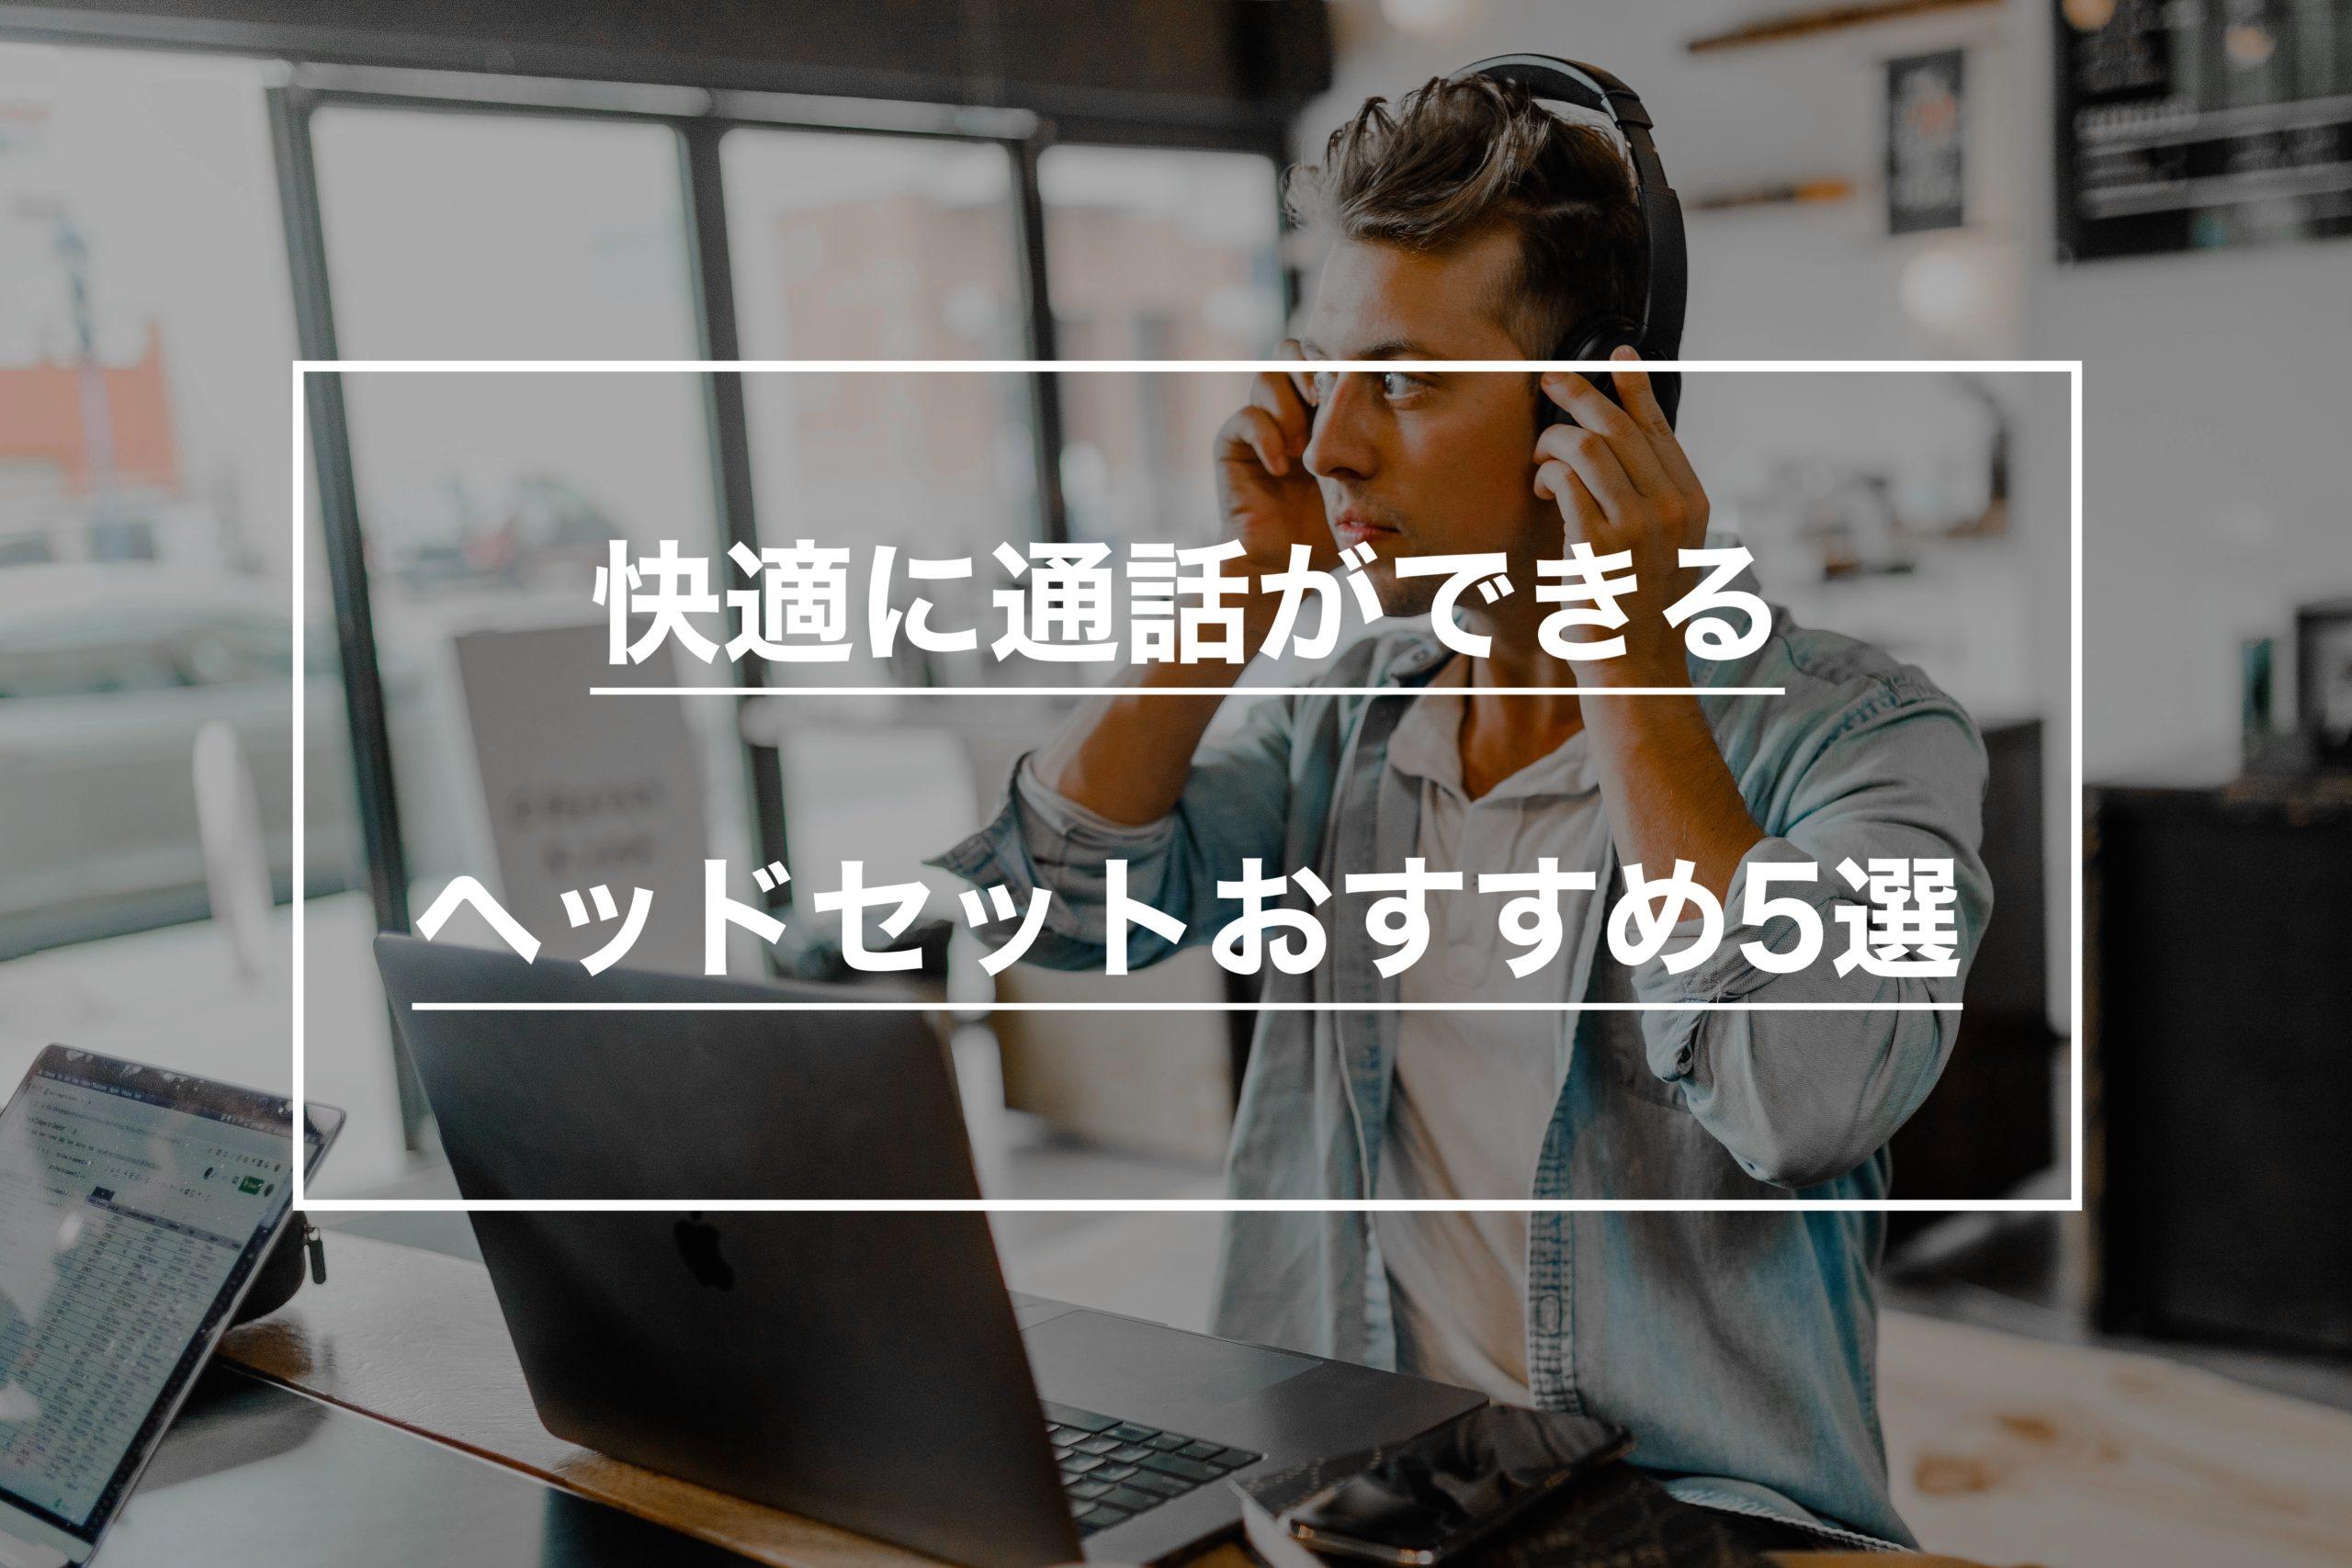 【2020年版】テレワークでオンライン会議する人必見!快適に通話できるヘッドセット5選!